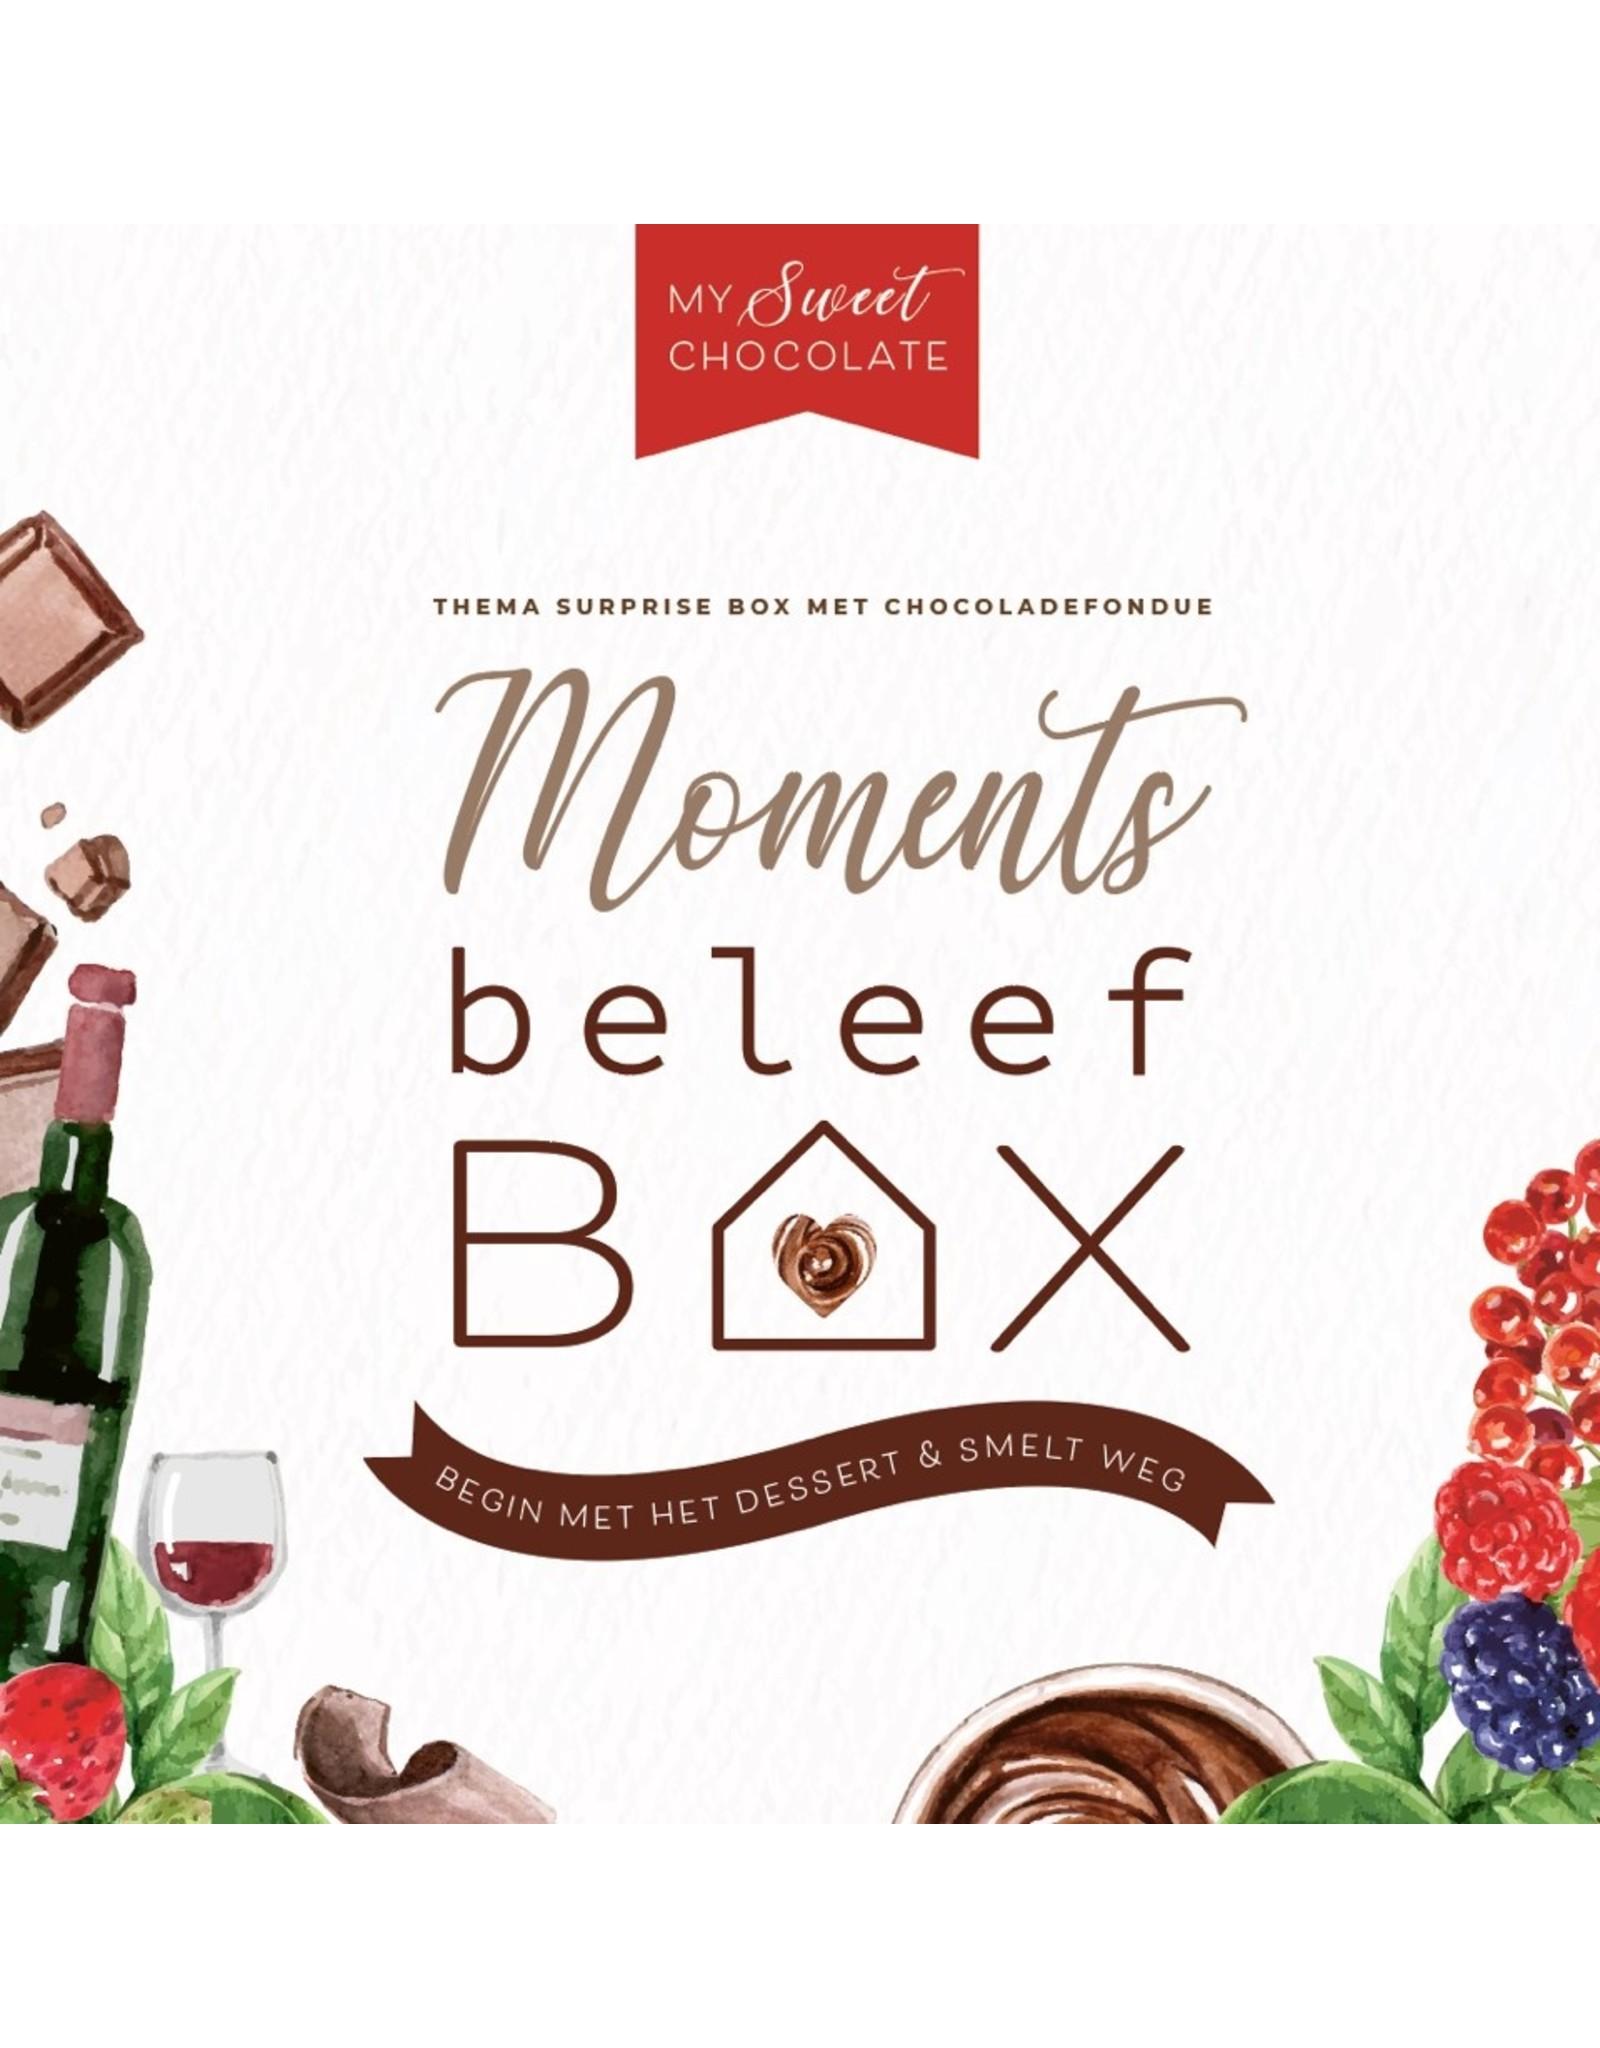 Beleefbox My sweet chocolate couple